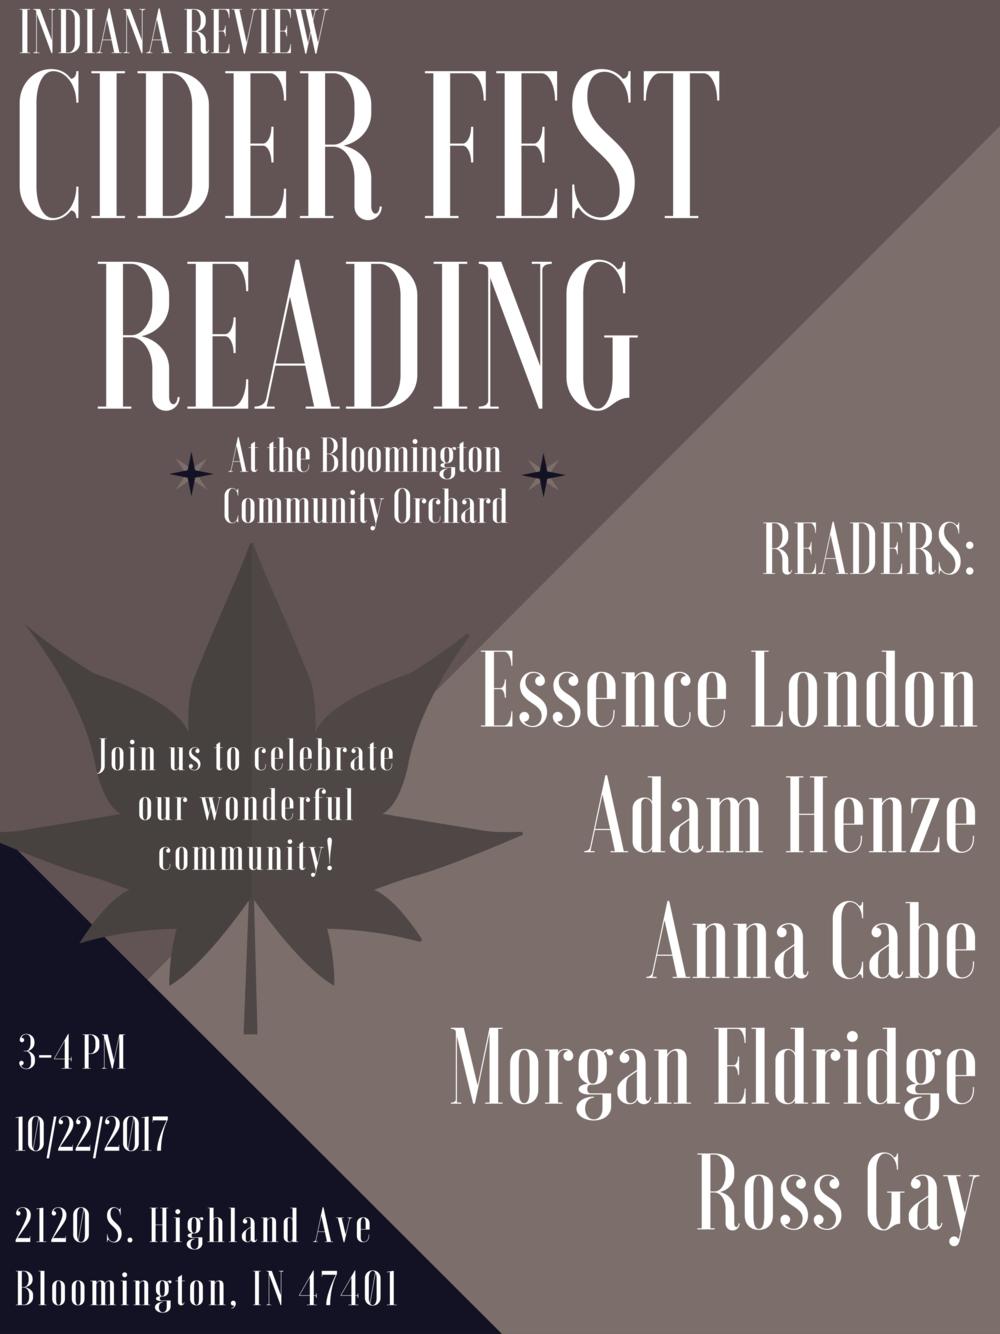 Cider Fest Reading 2017 flyer.png